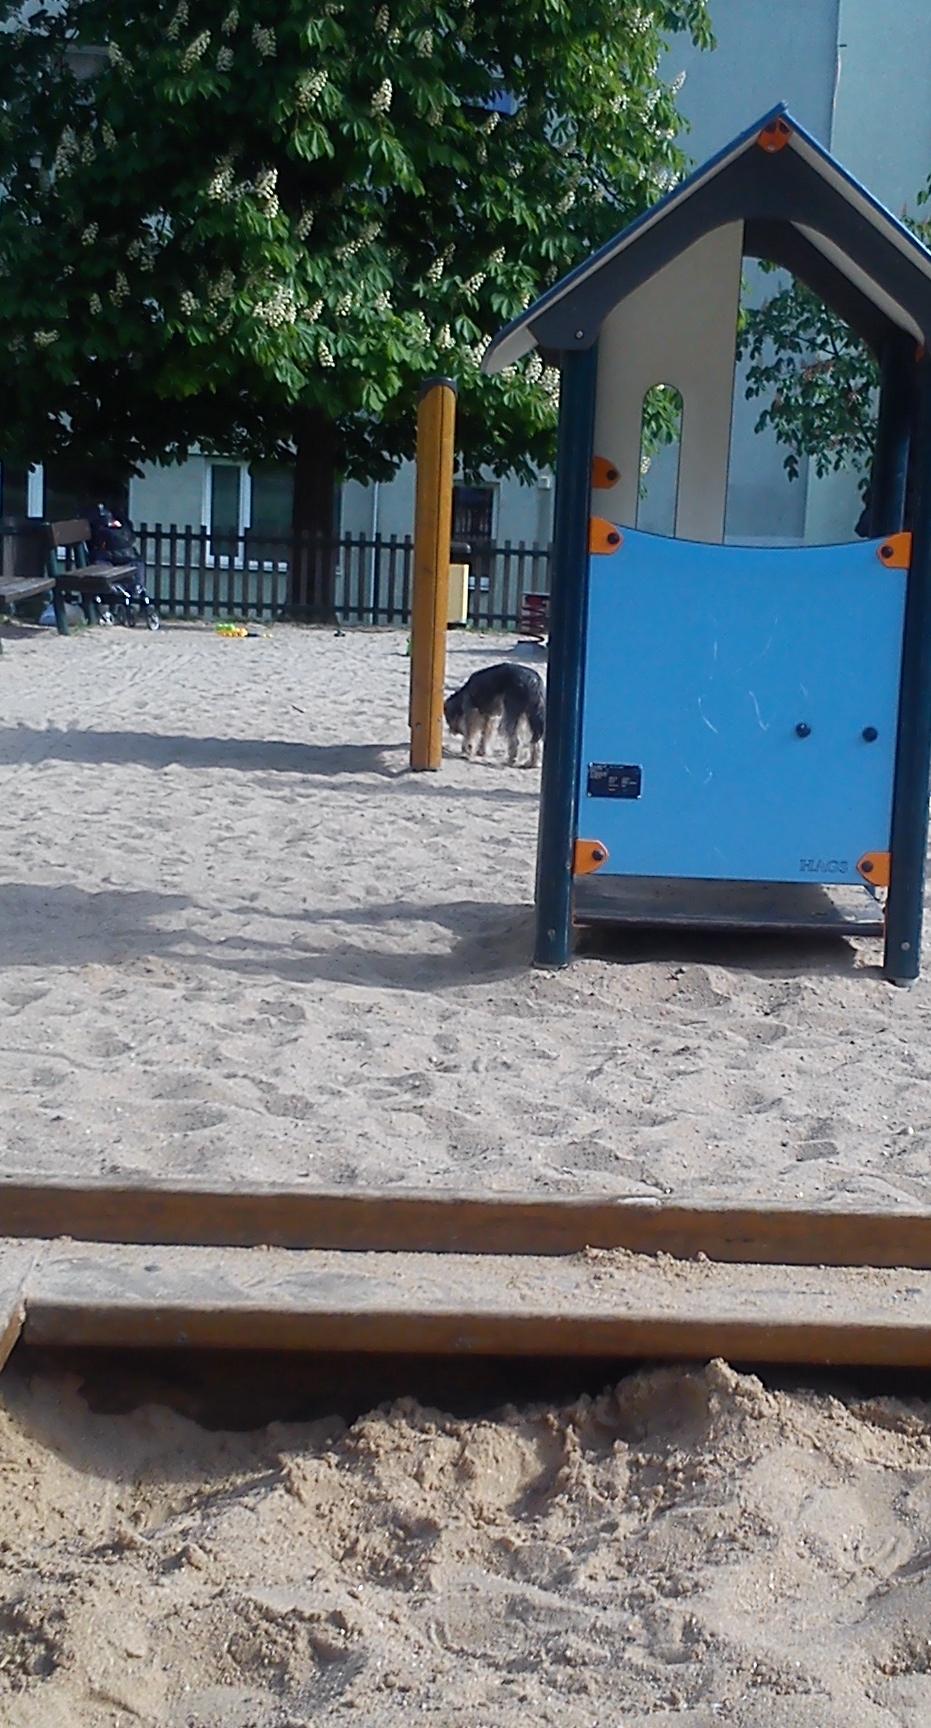 Pejsek pouze očuchává tabuli na dětském hřišti